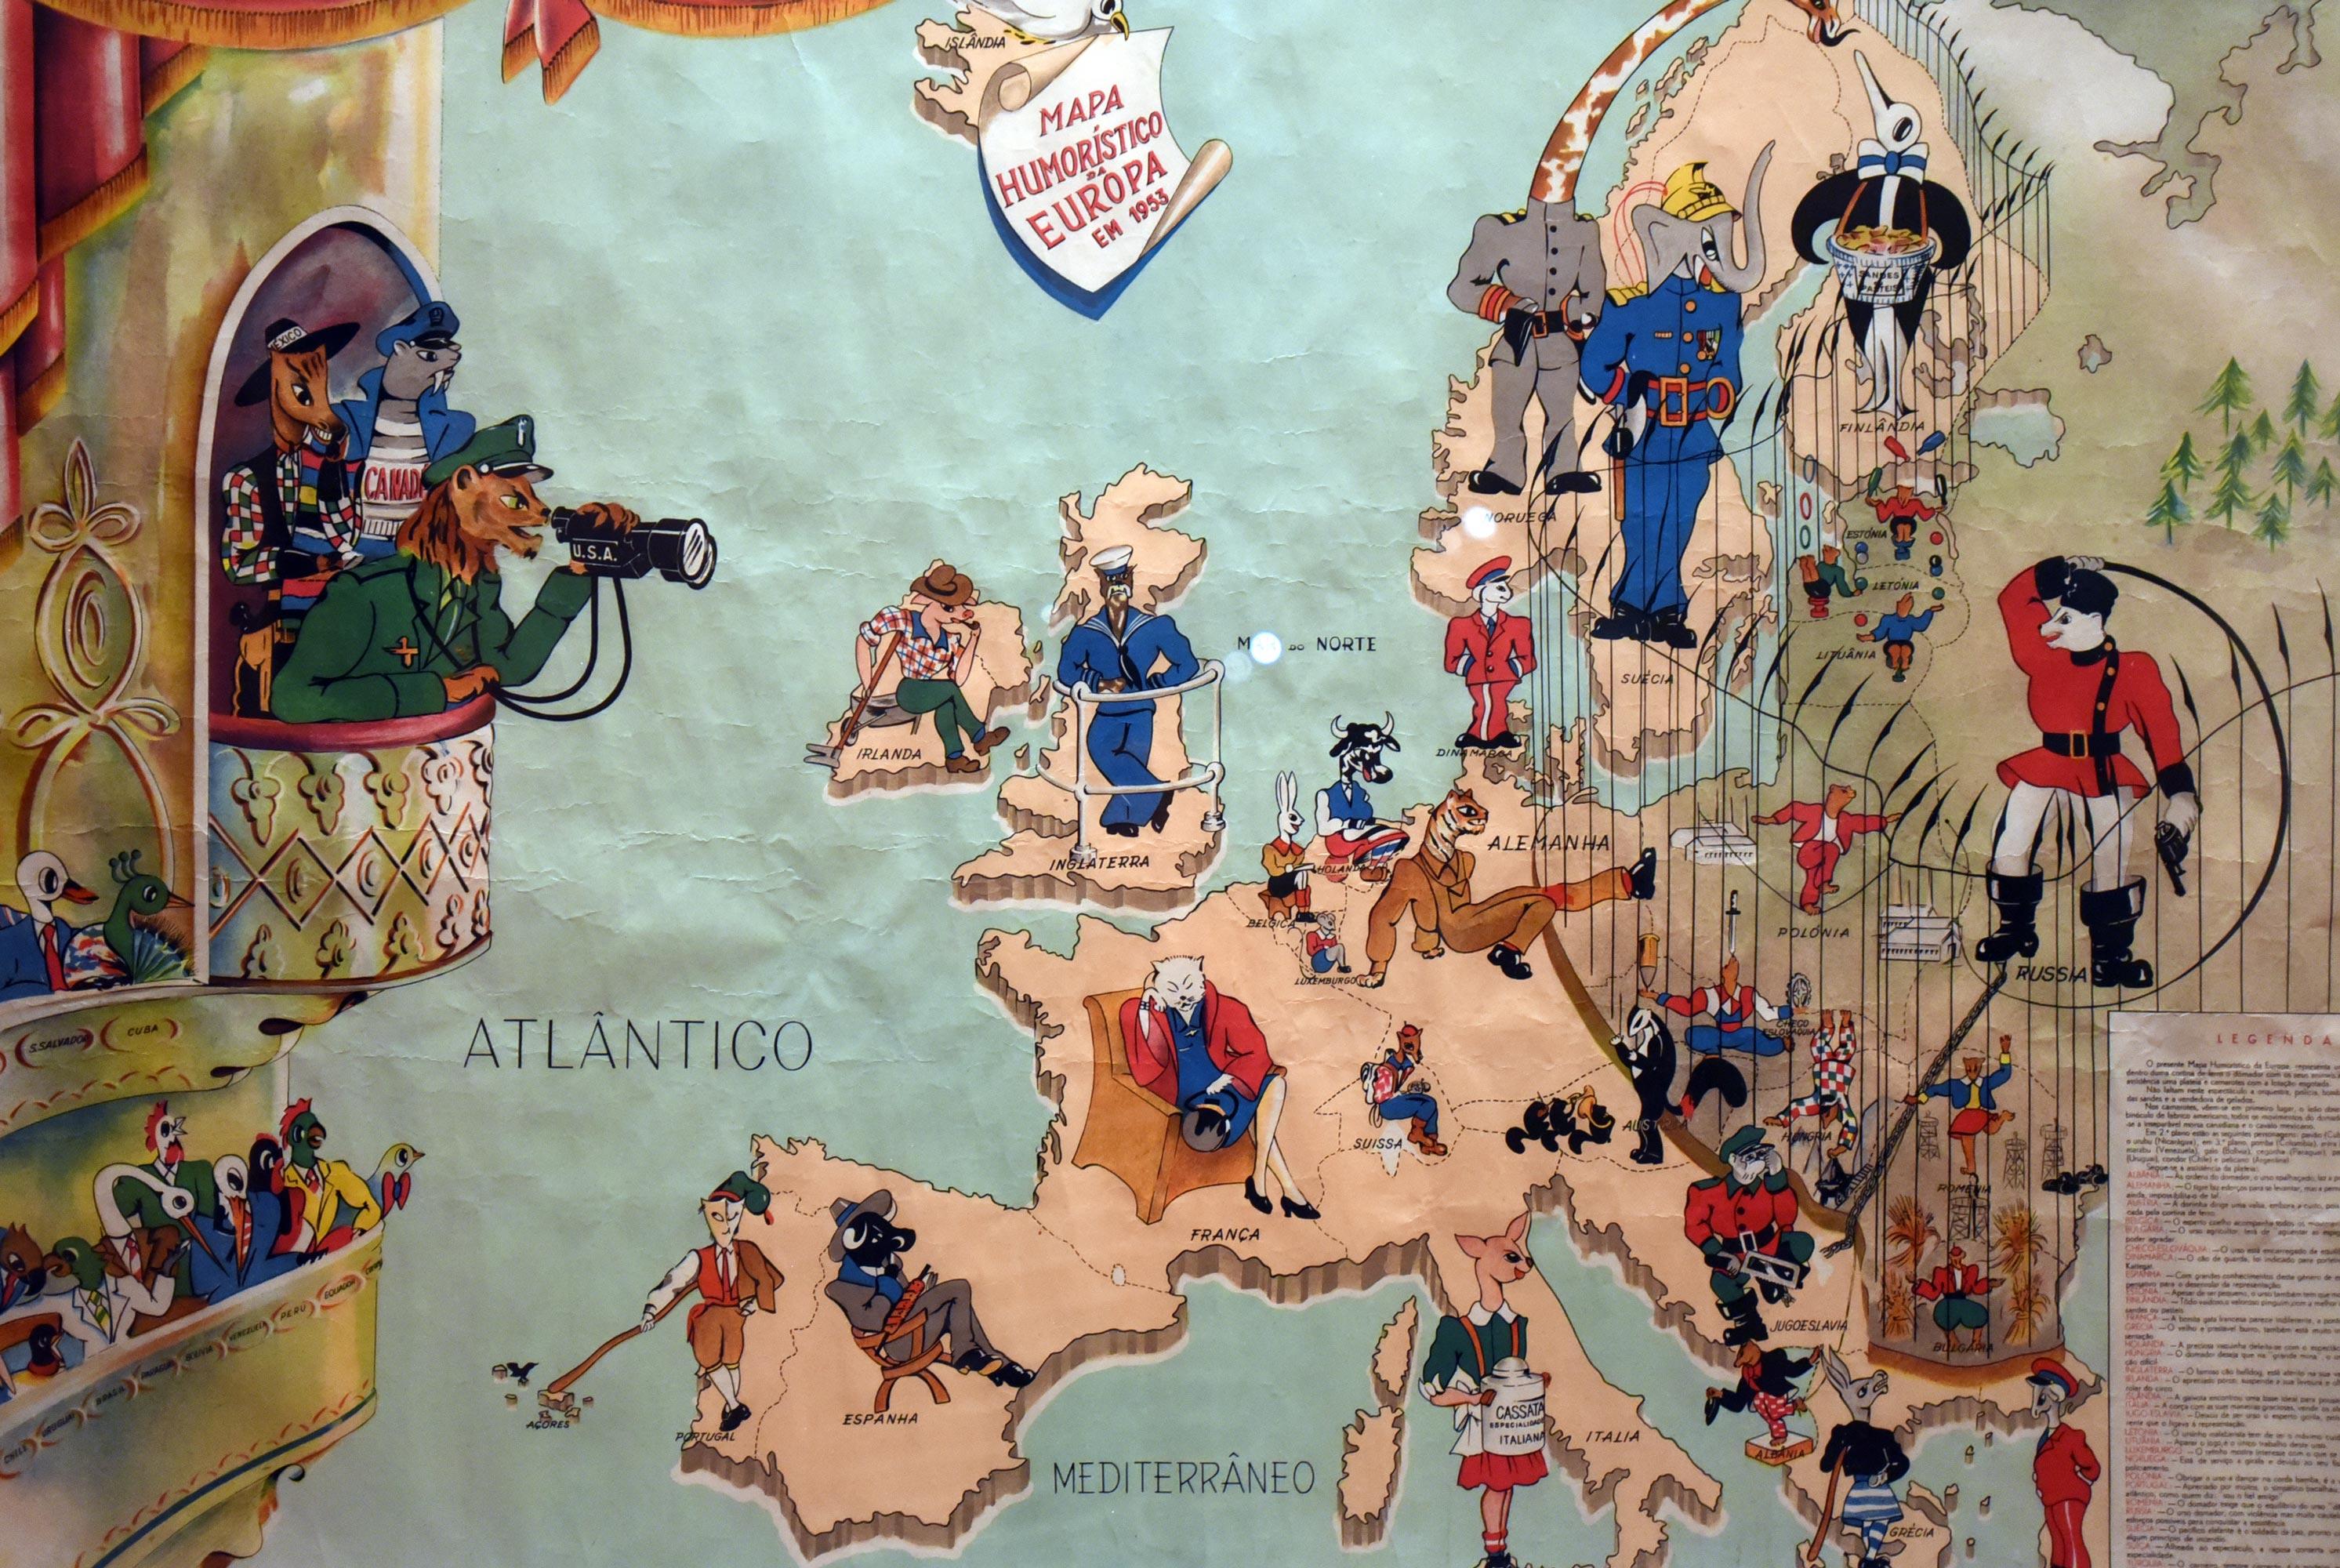 Mapa Humoristico da Europa en 1953